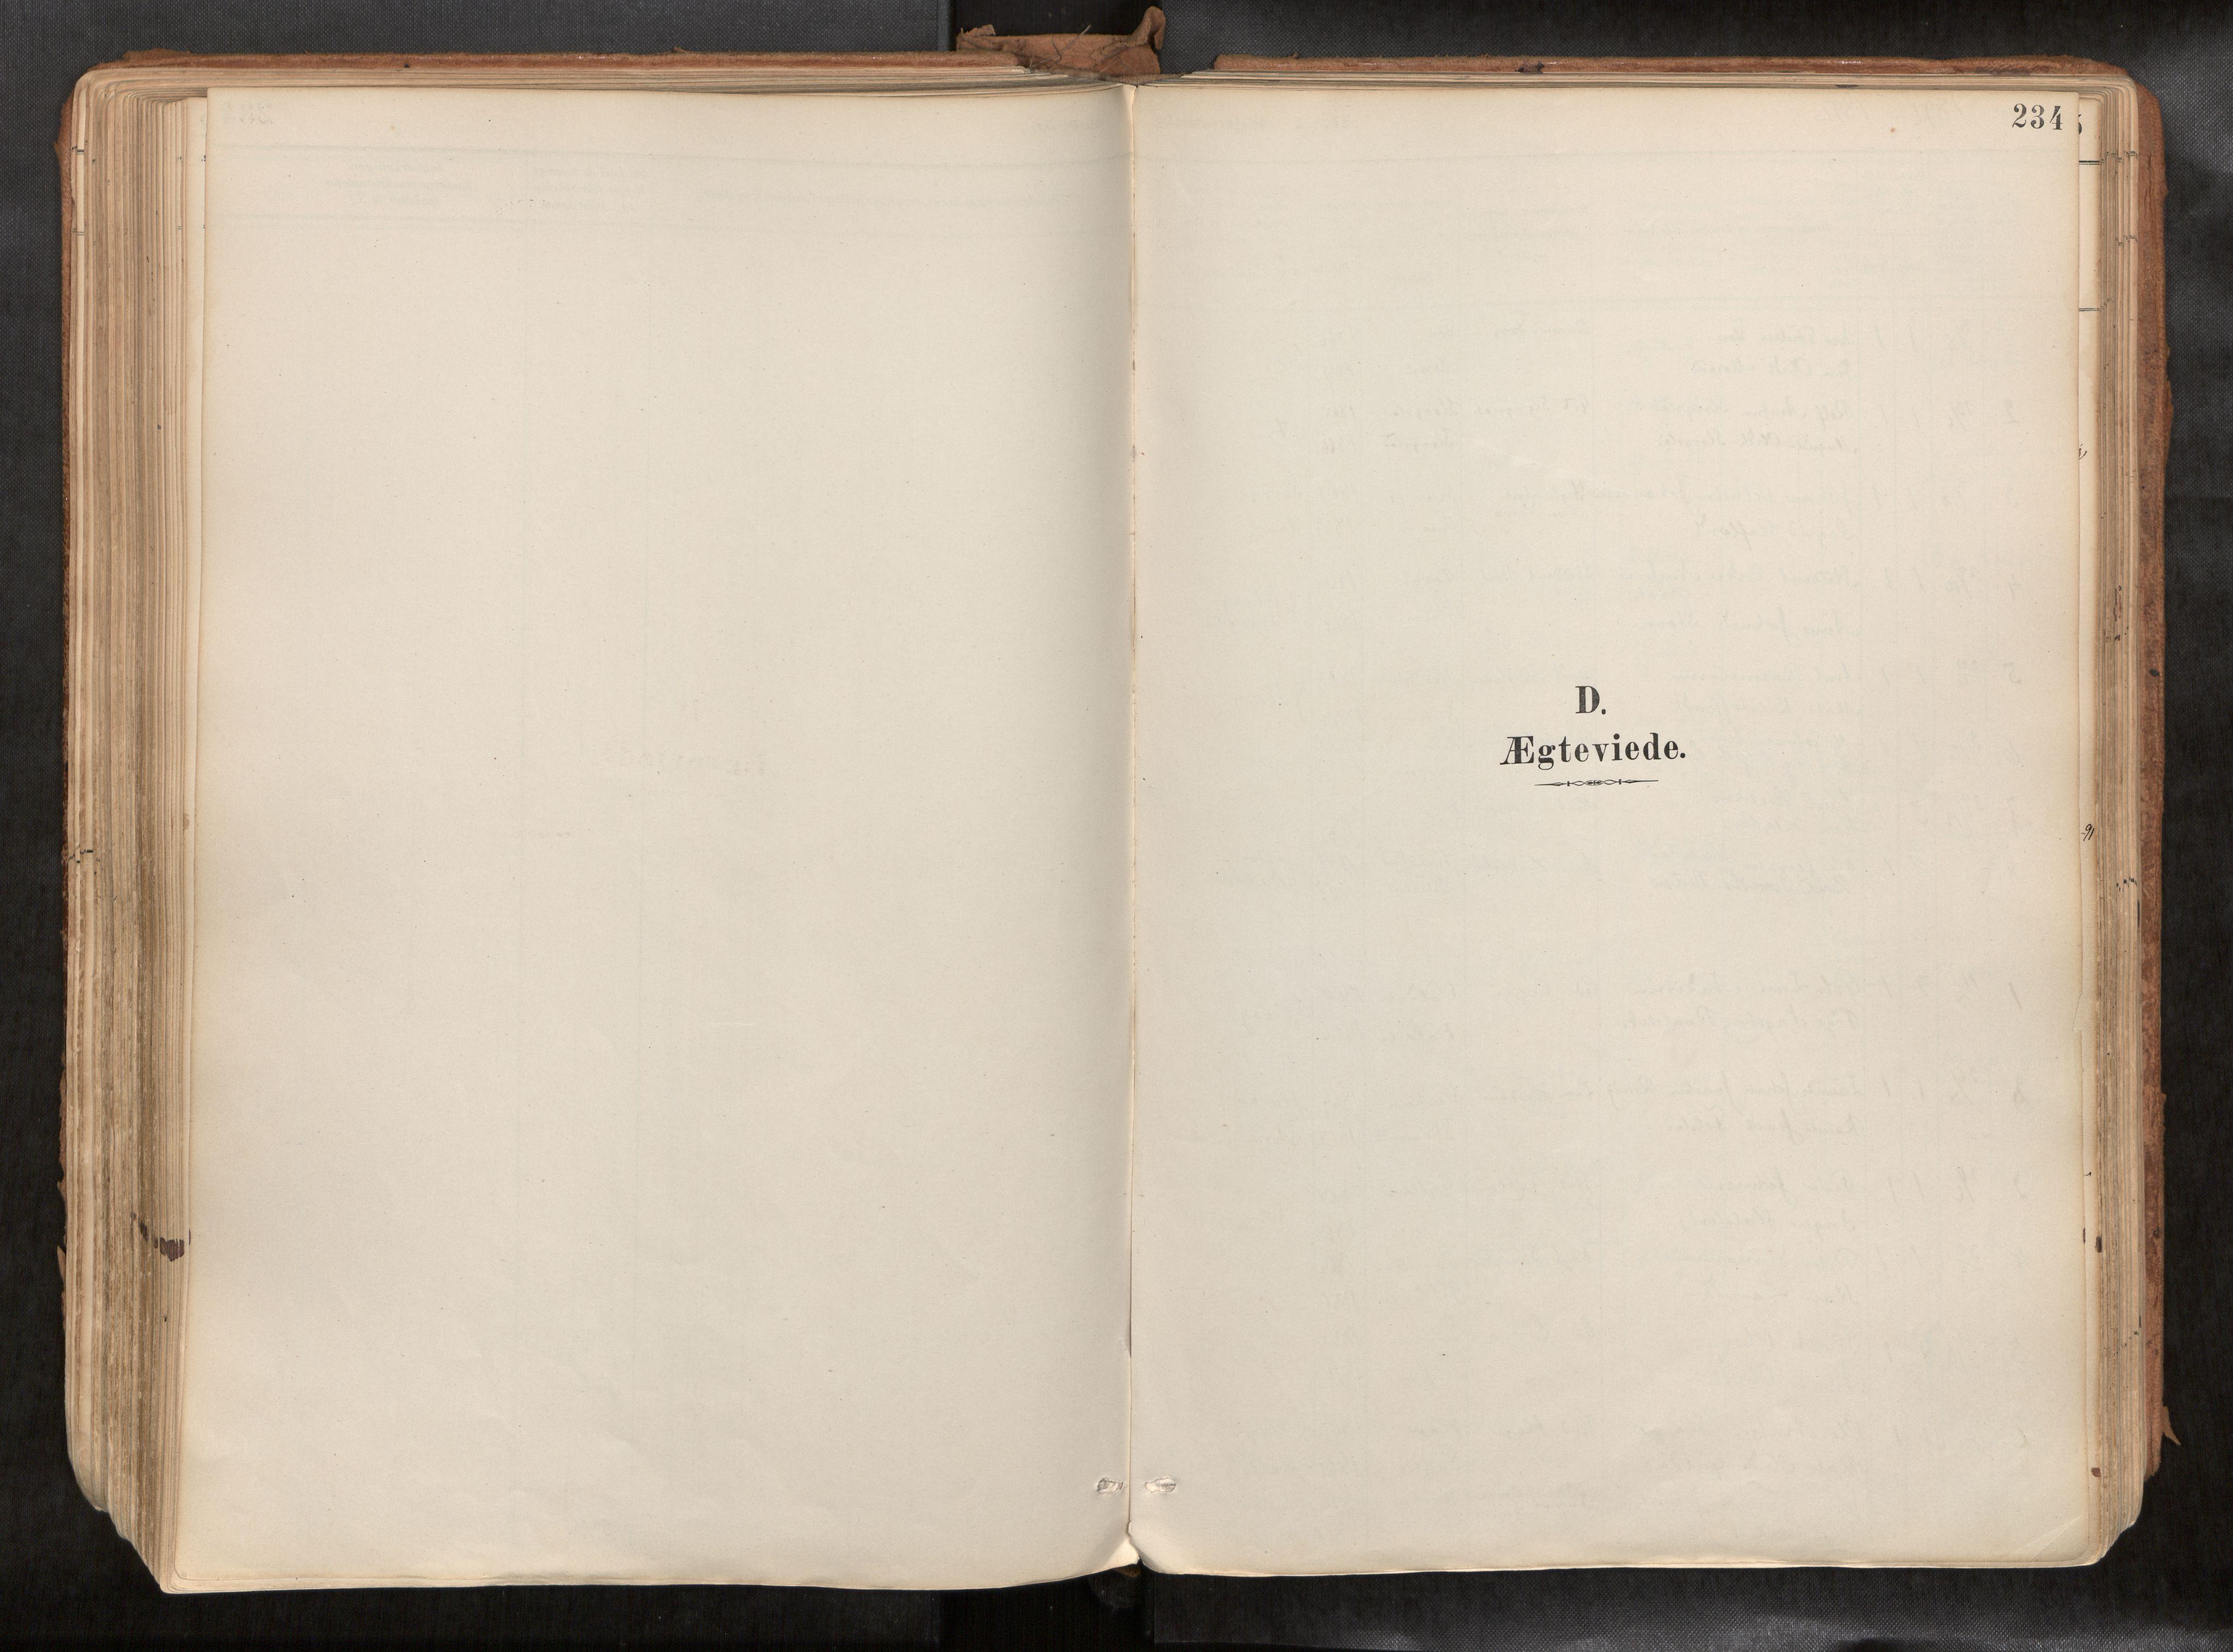 SAT, Ministerialprotokoller, klokkerbøker og fødselsregistre - Sør-Trøndelag, 692/L1105b: Ministerialbok nr. 692A06, 1891-1934, s. 234